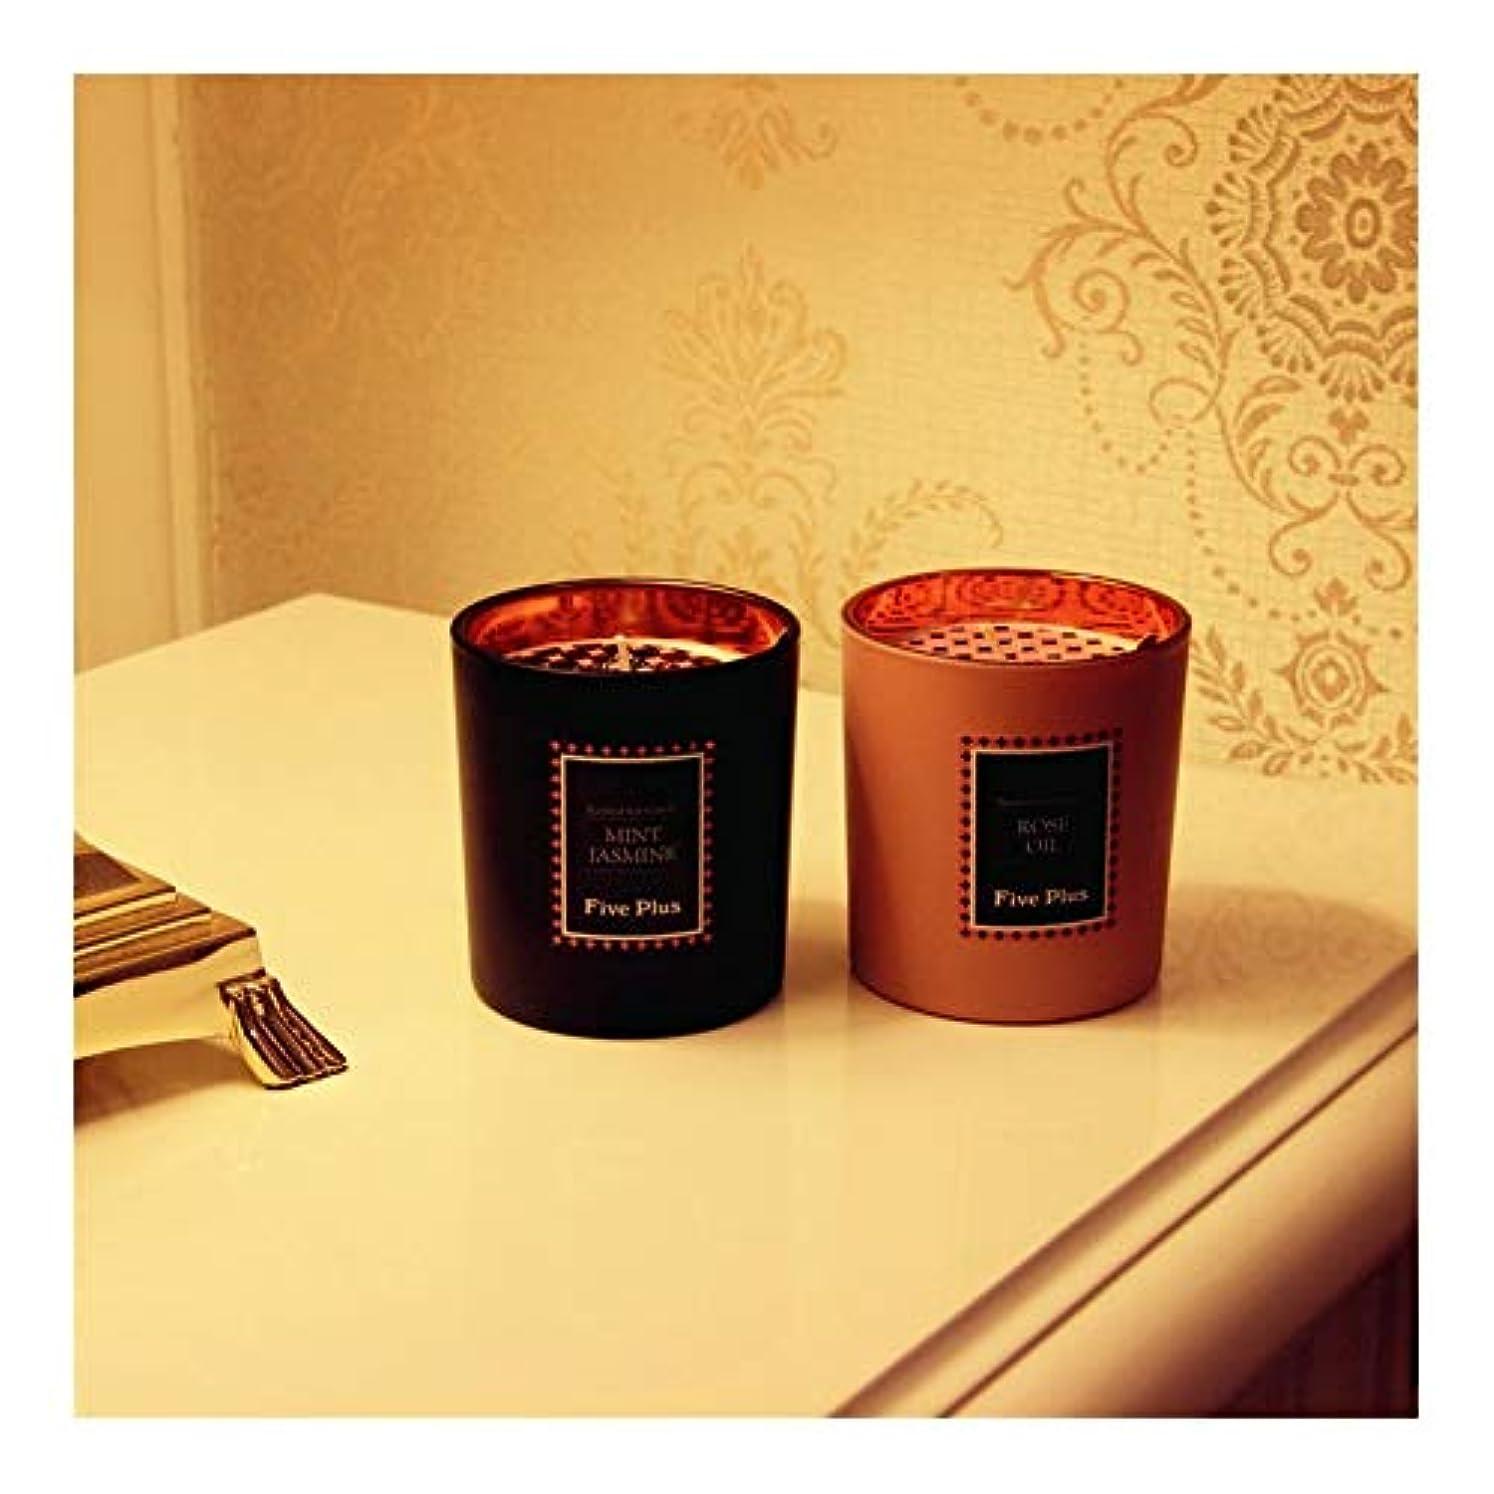 磁器コートギャンブルACAO キャンドルのガラス充填ワックスクリエイティブな雰囲気の設定の赤黒セット